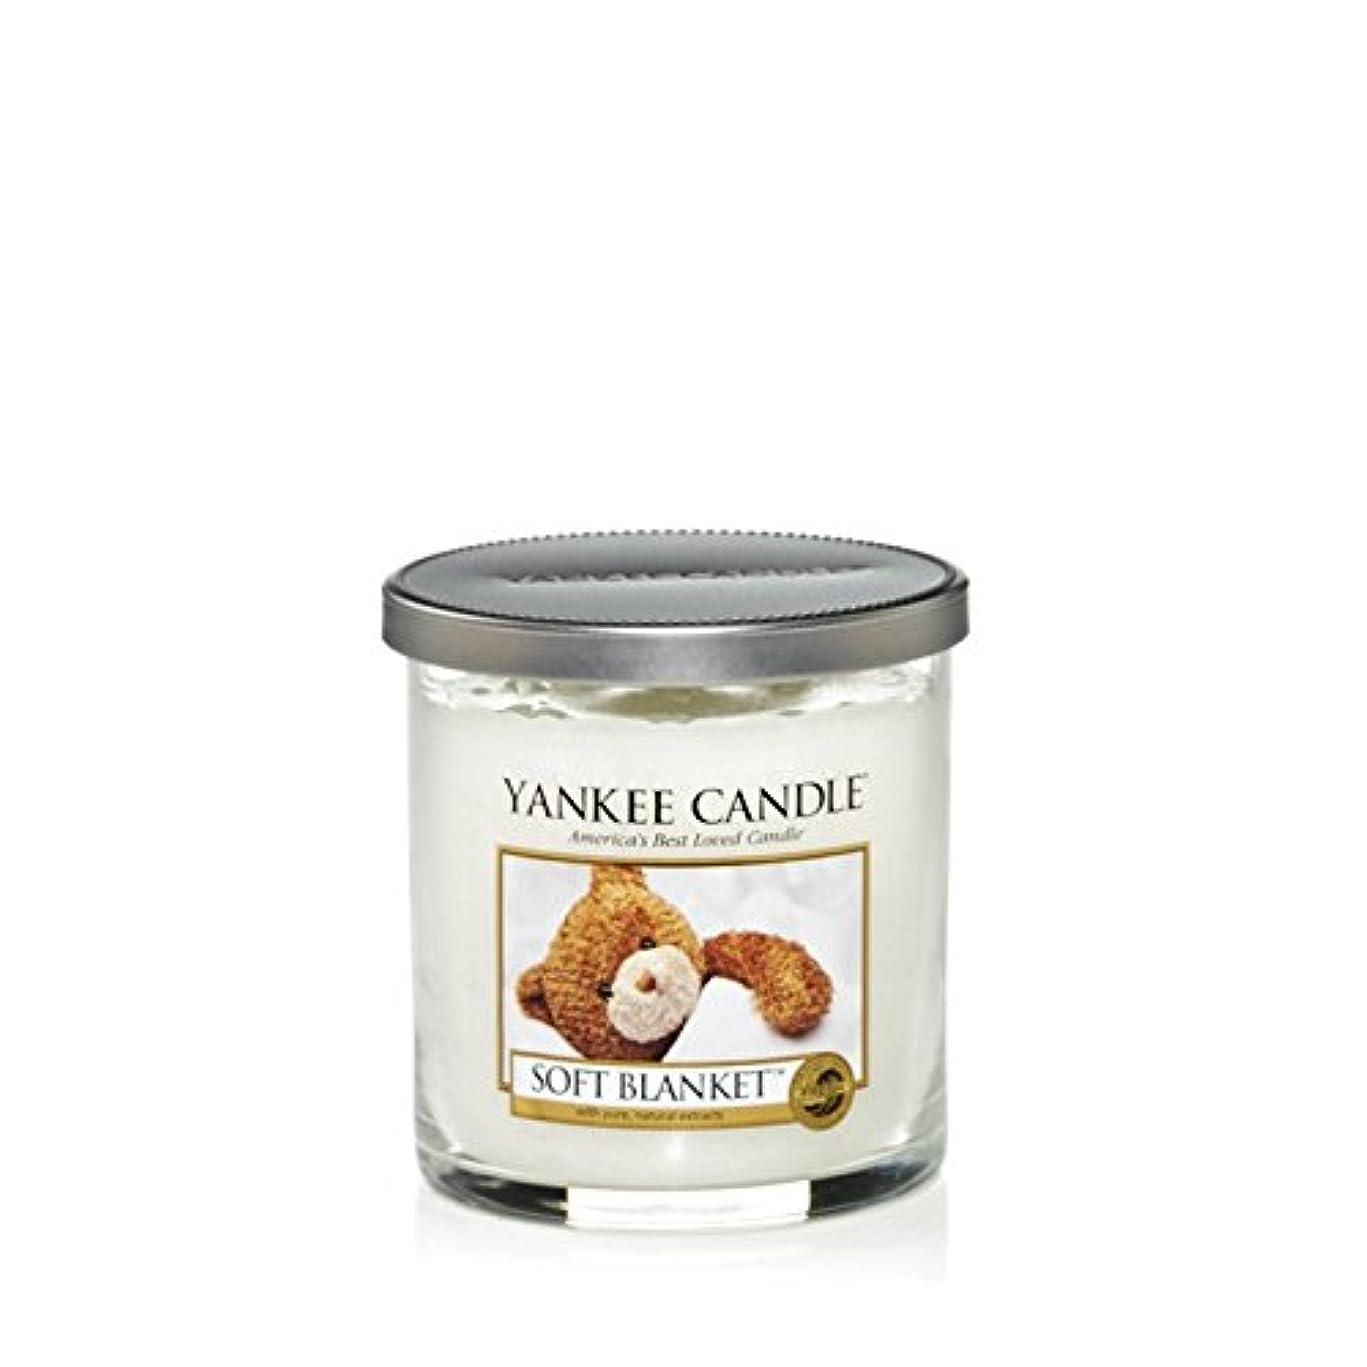 根絶する事実作詞家Yankee Candles Small Pillar Candle - Soft Blanket (Pack of 2) - ヤンキーキャンドルの小さな柱キャンドル - ソフト毛布 (x2) [並行輸入品]